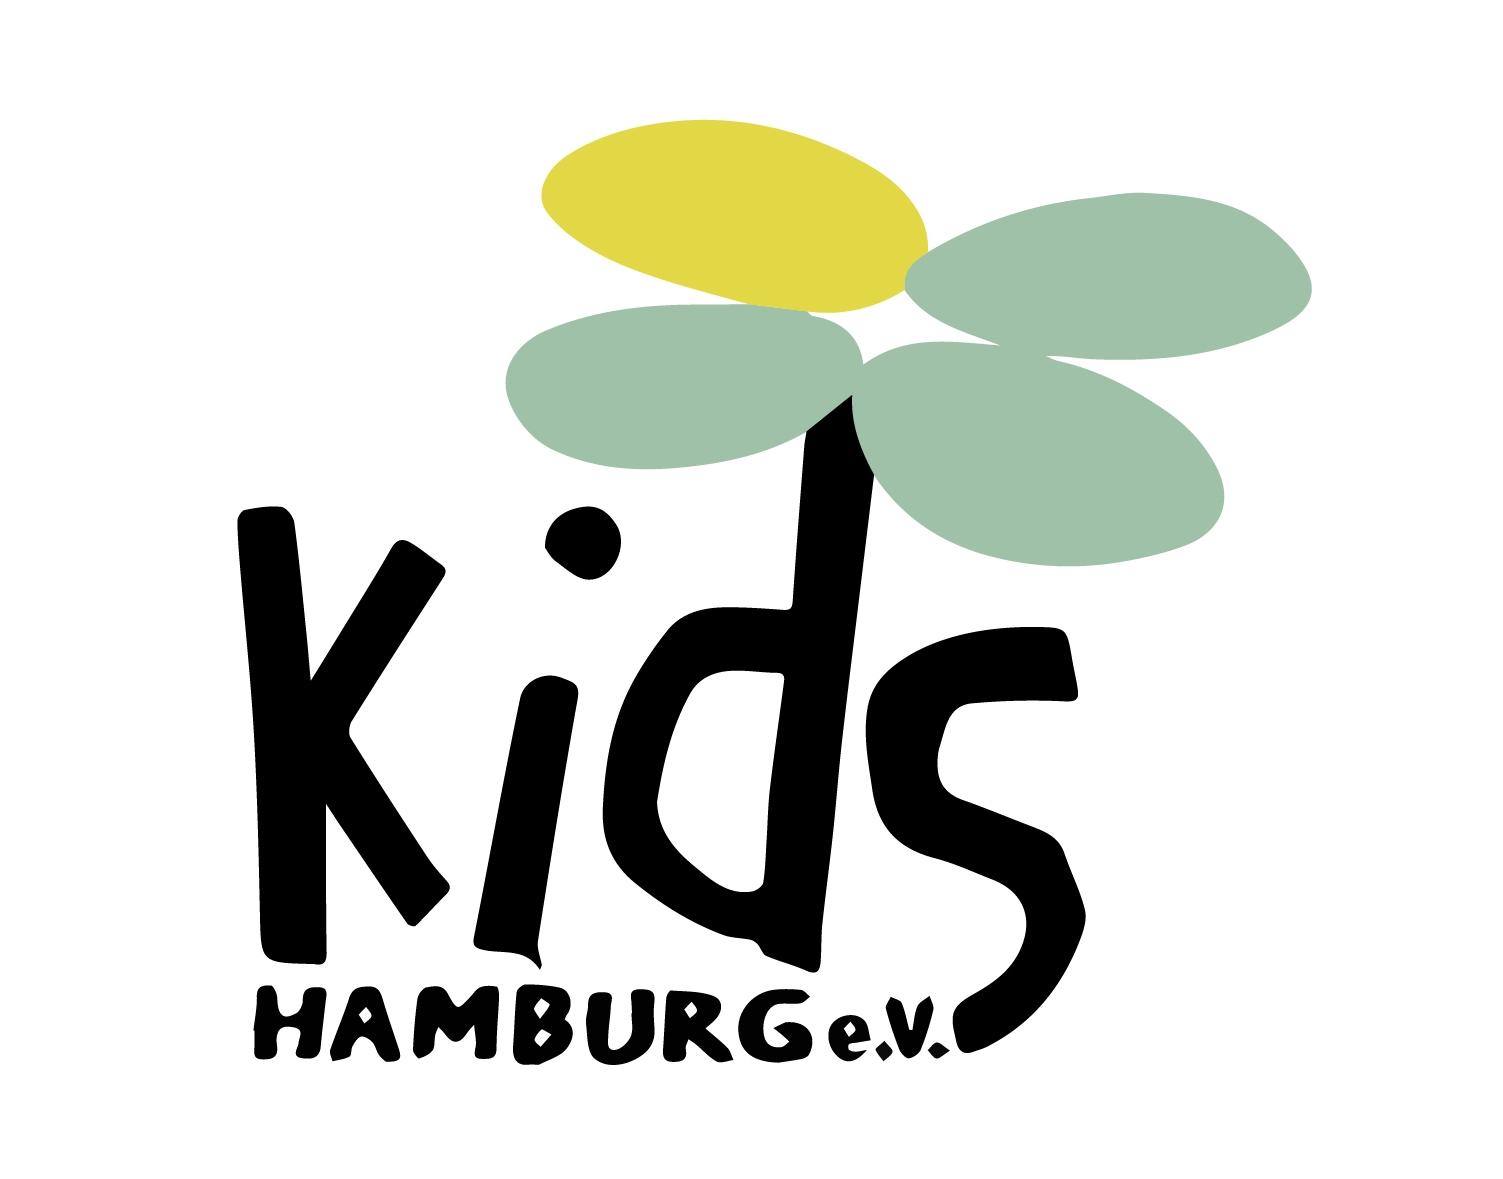 Juni 2019 – Spende an KIDS Hamburg e.V.